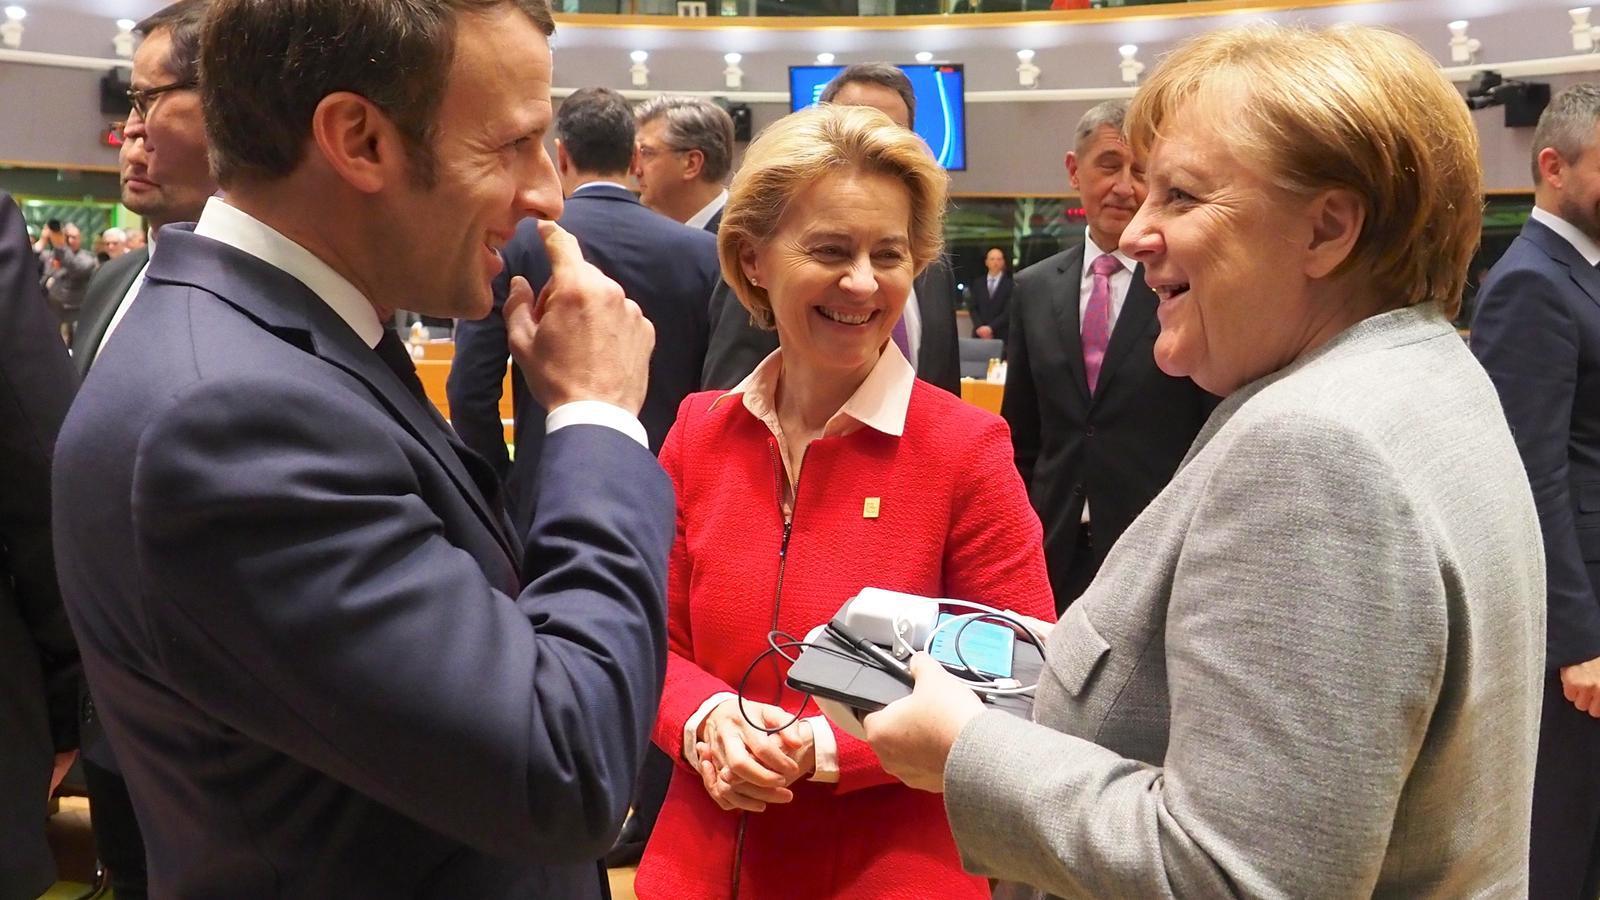 El president francès, Emmanuel Macron, amb la presidenta de la Comissió Europea, Ursula Von der Leyen, i la cancellera alemanya, Angela Merkel.